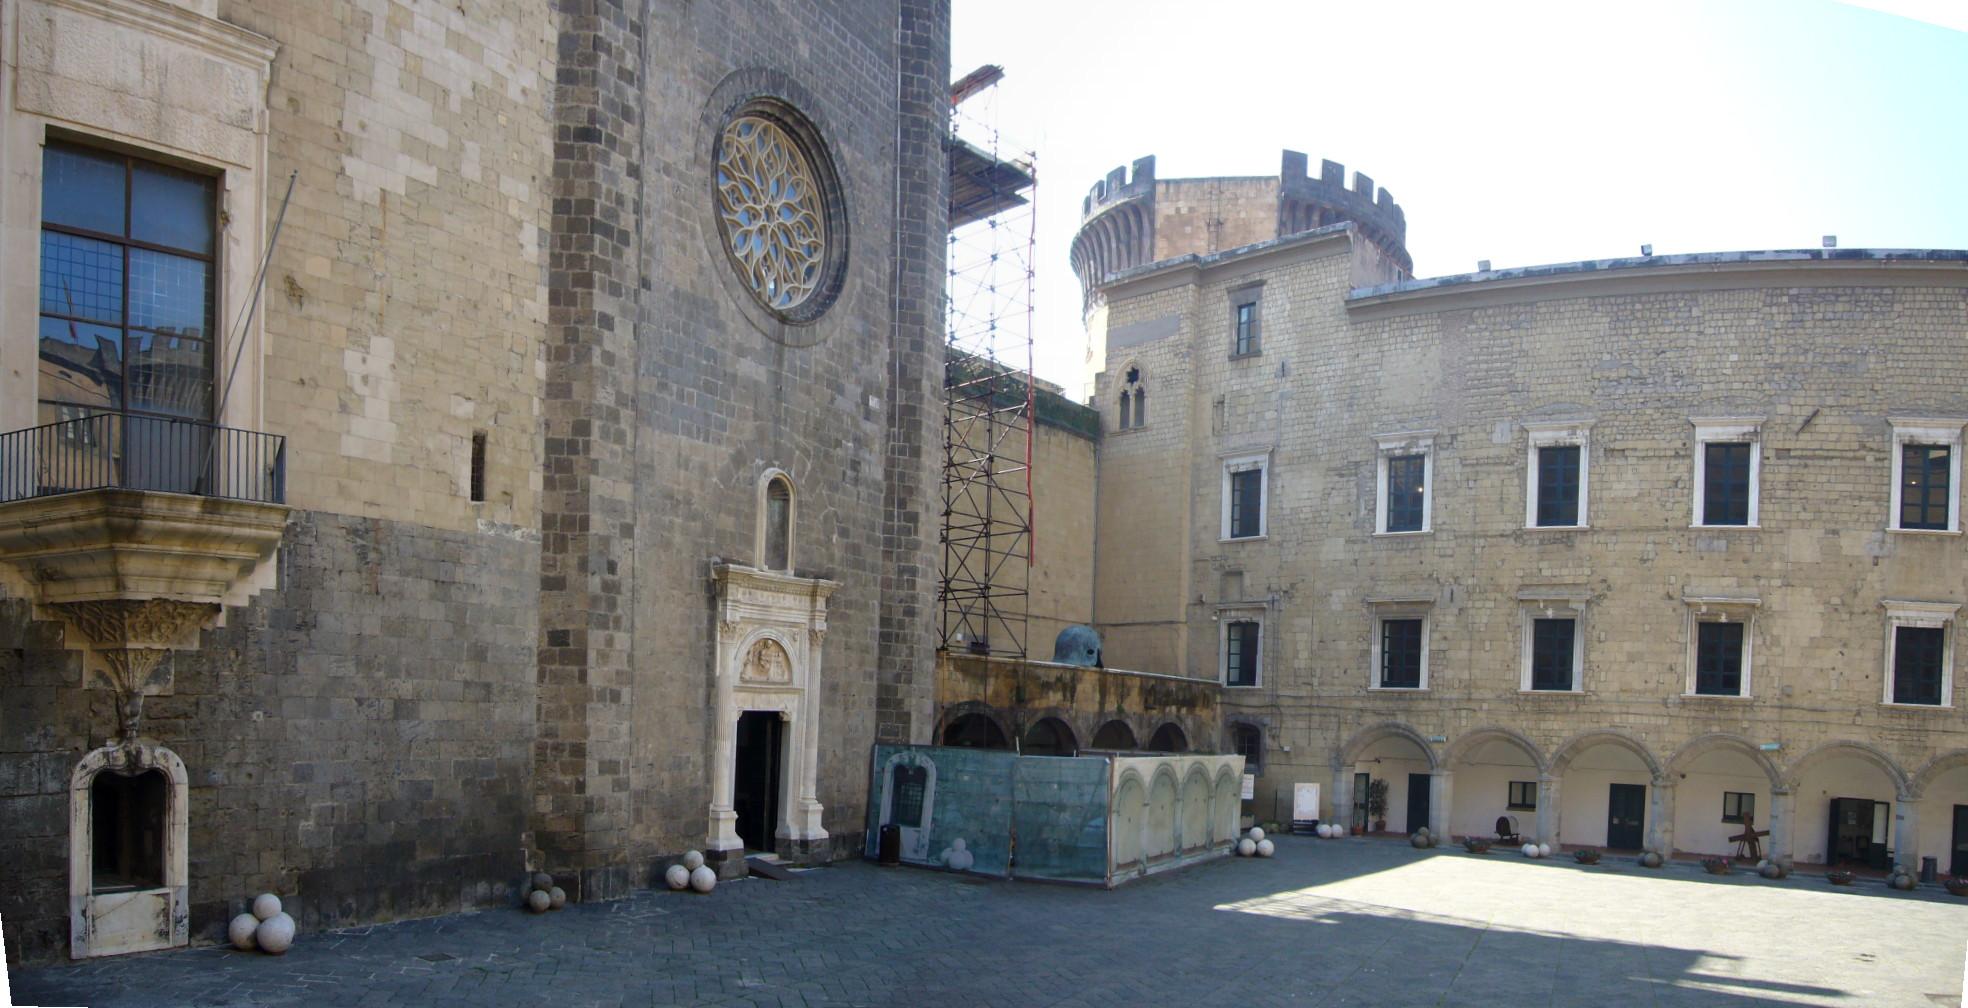 Risultati immagini per castel nuovo napoli